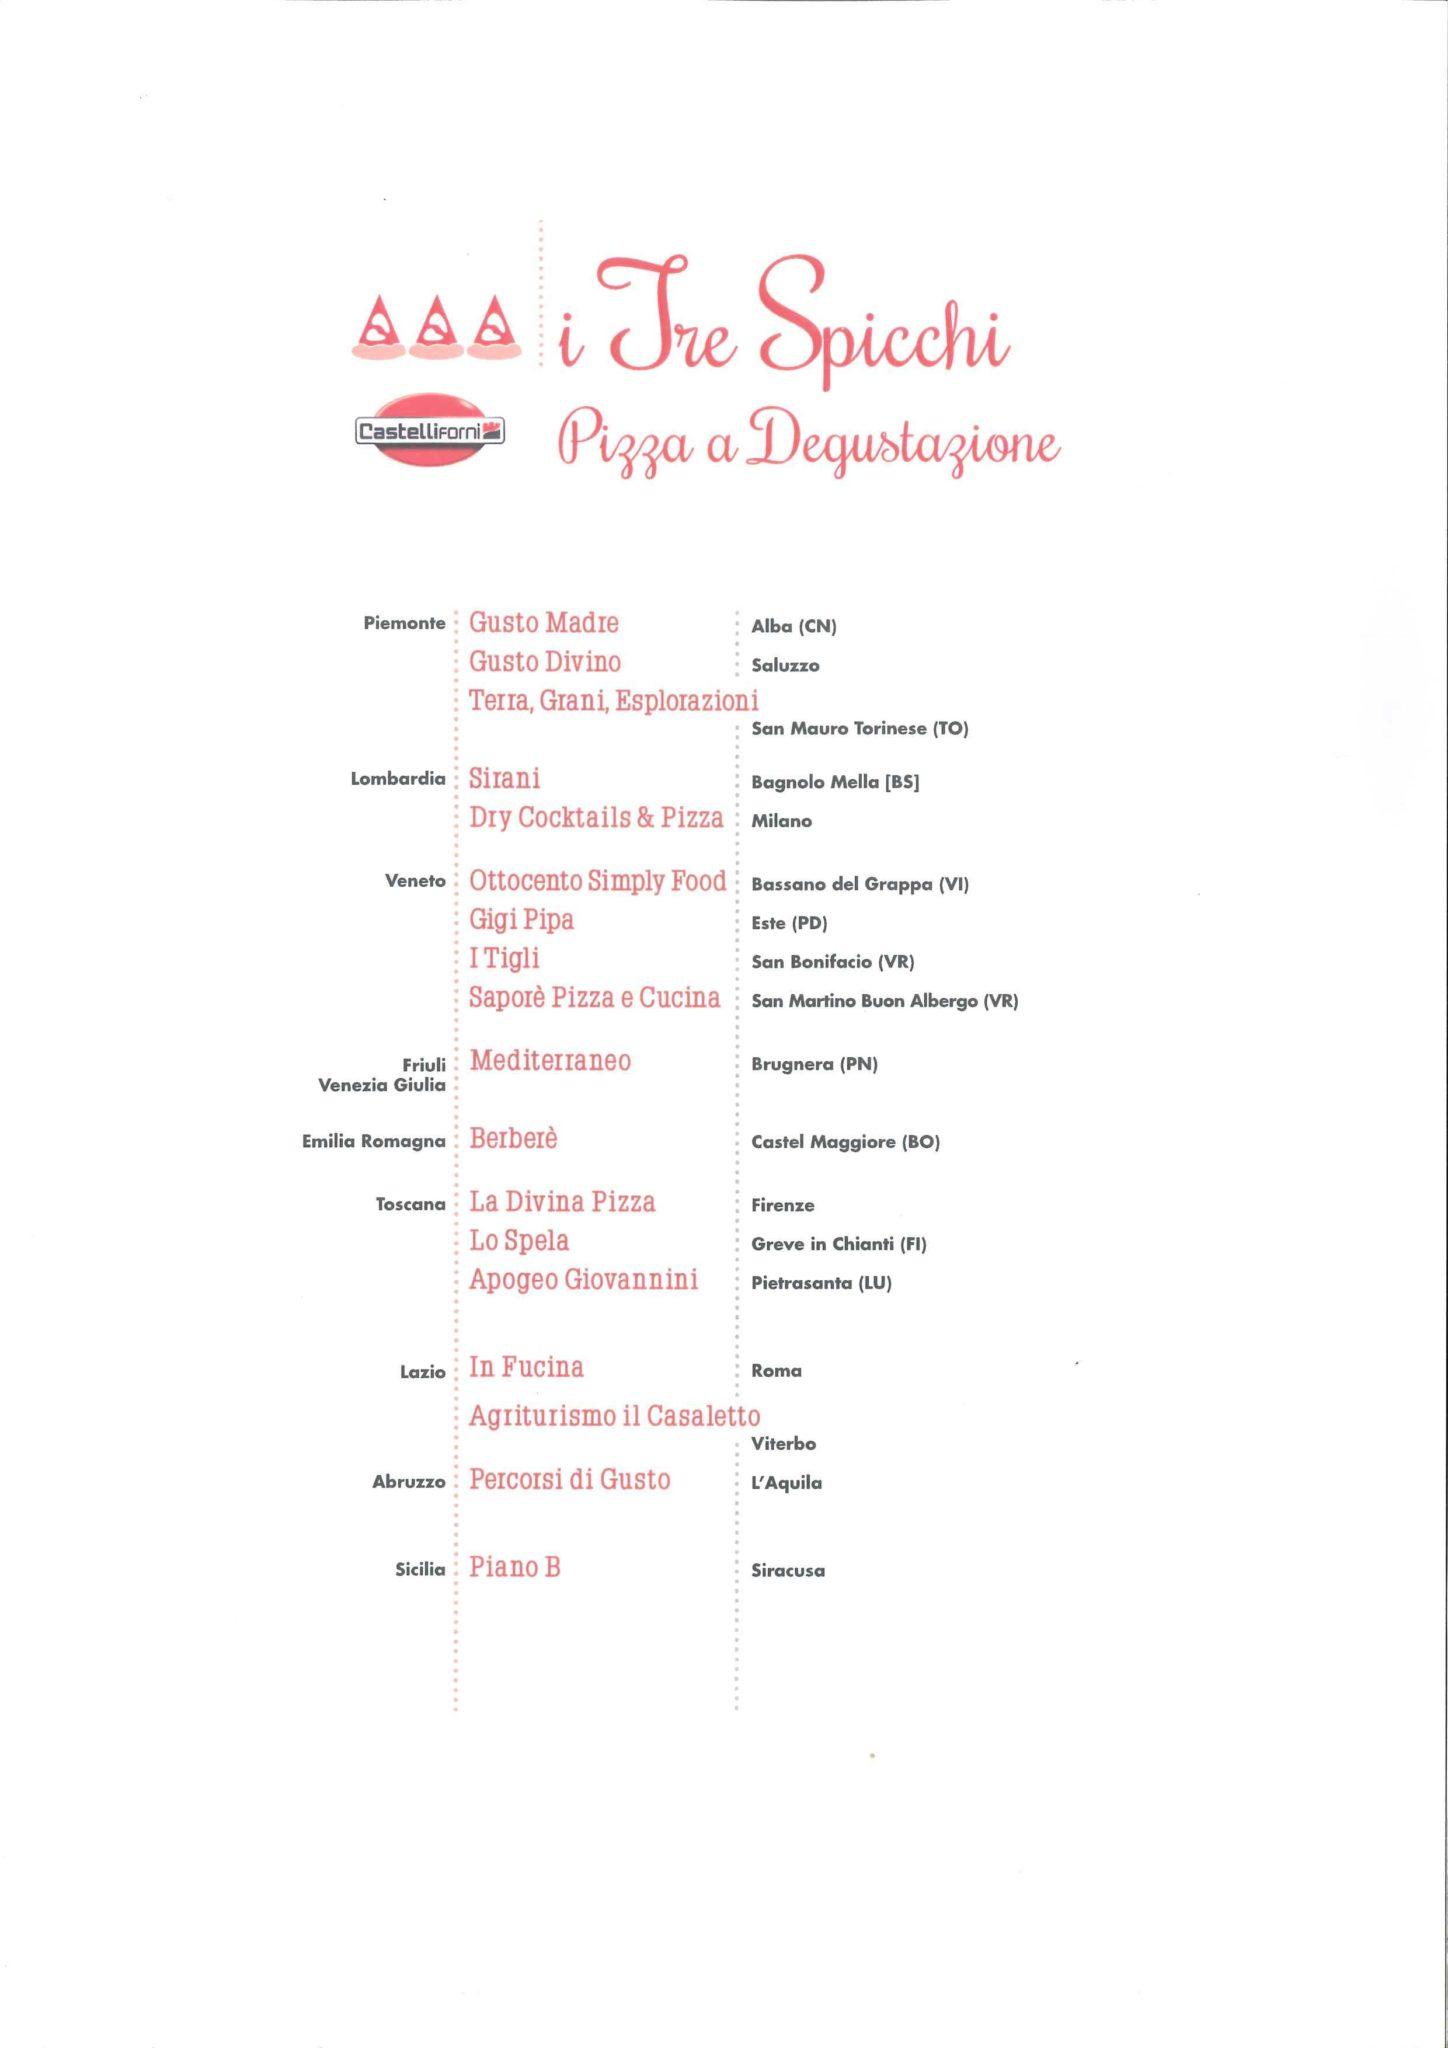 spicchi3